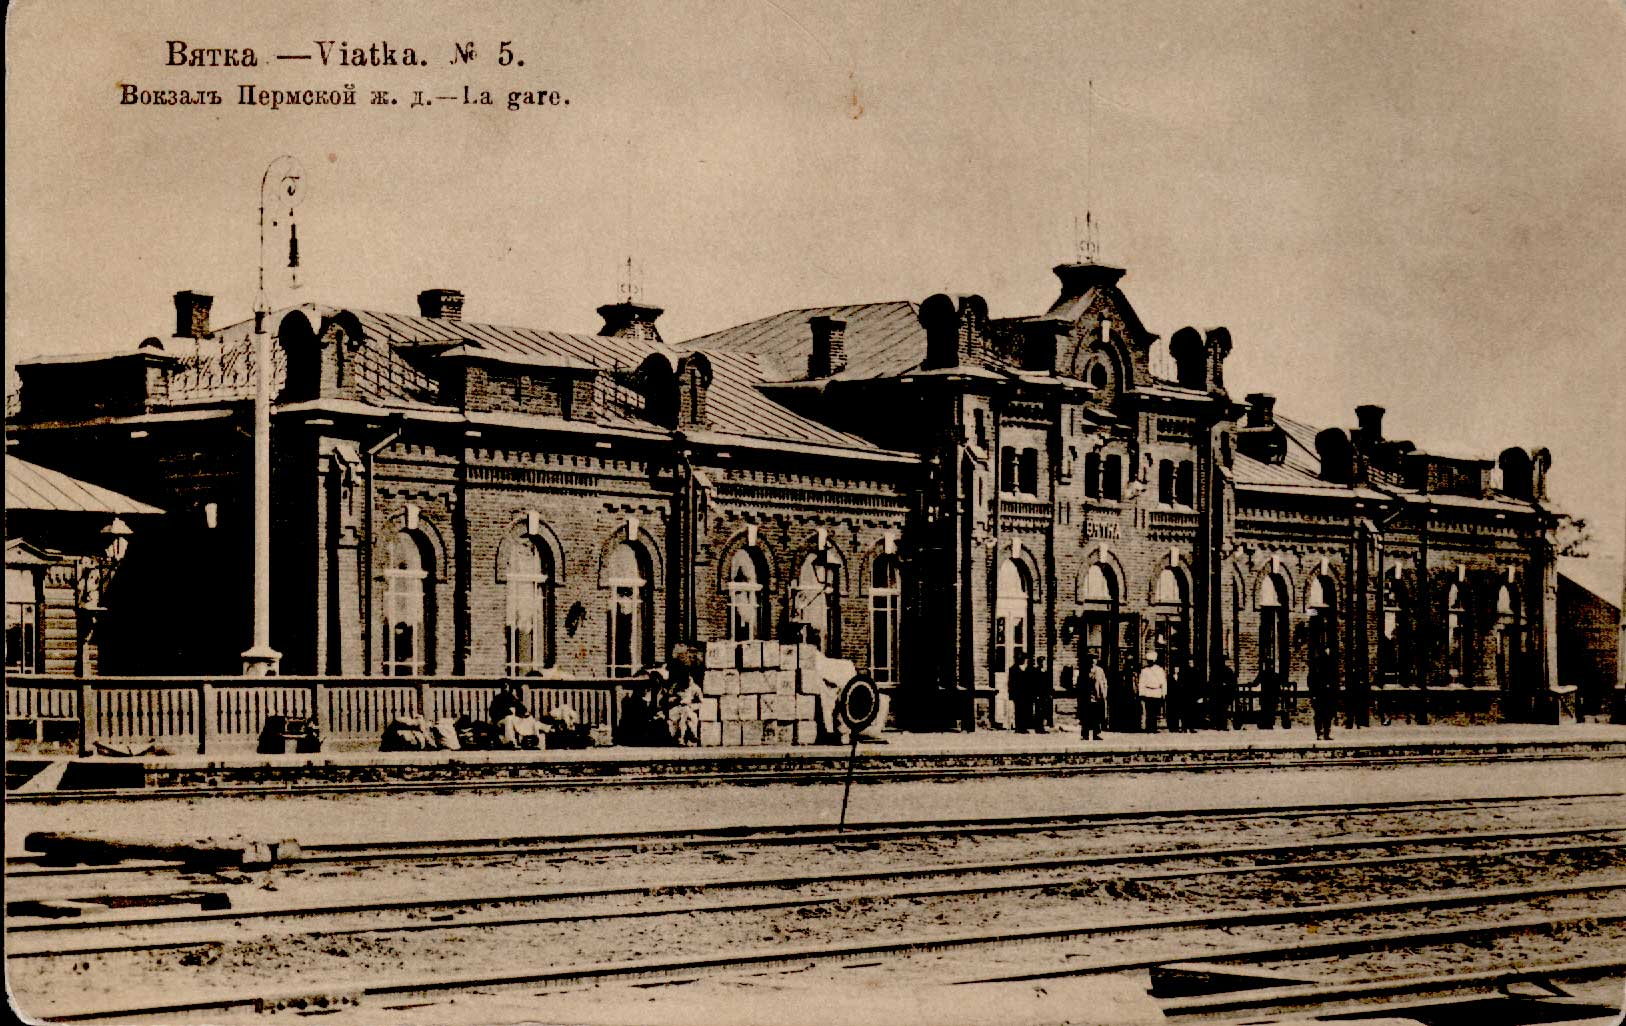 Вокзал Пермской ж.д